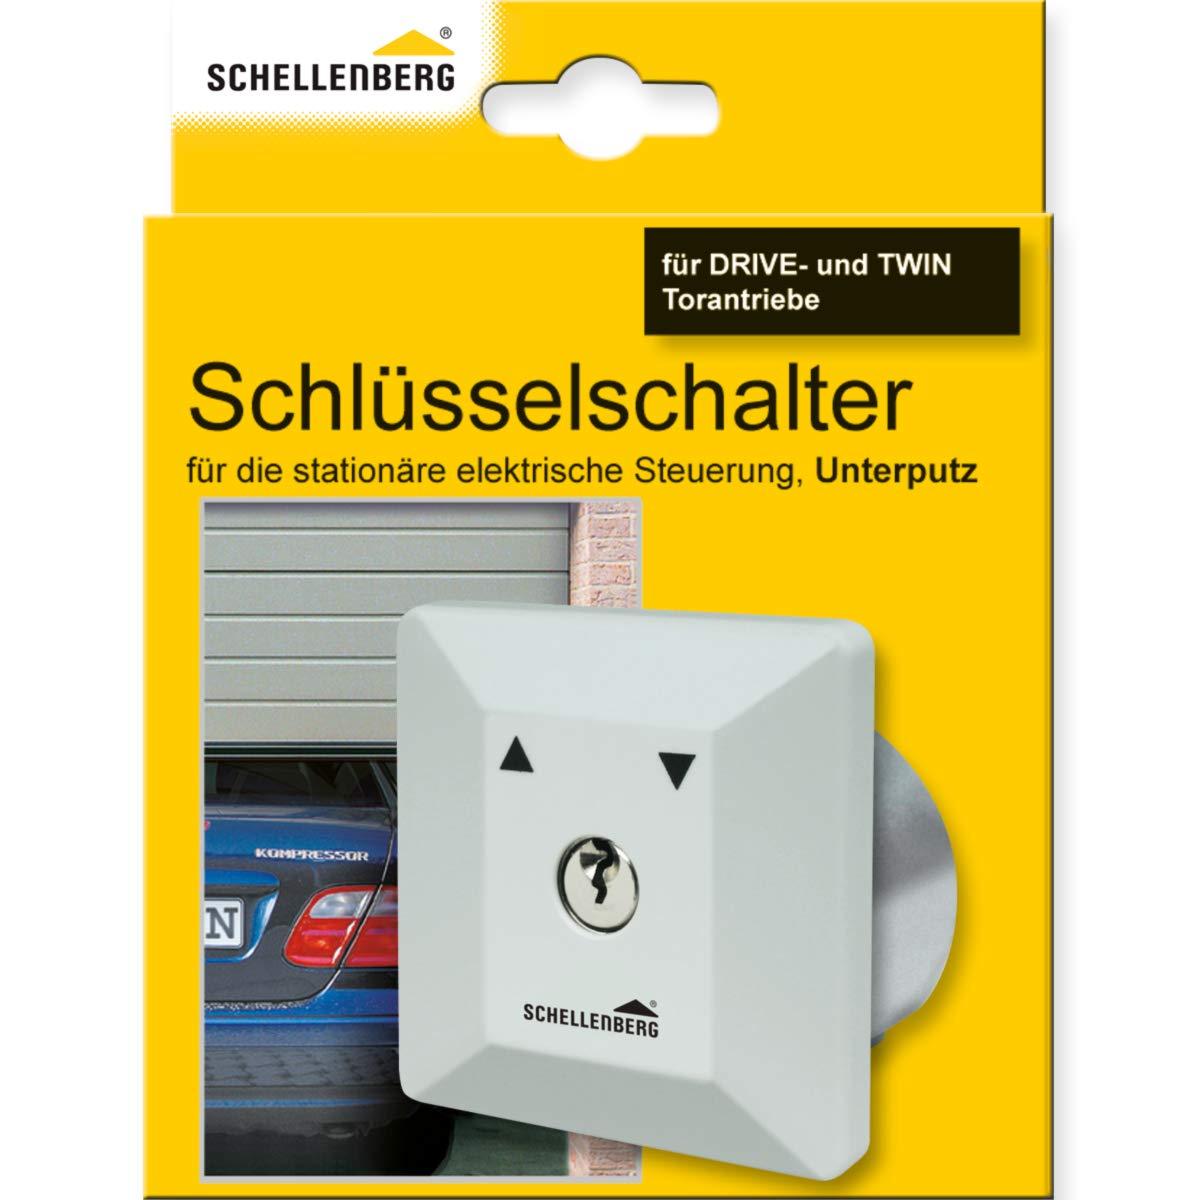 Turbo Schellenberg 25102 Schlüsselschalter Unterputz: Amazon.de: Baumarkt AU44